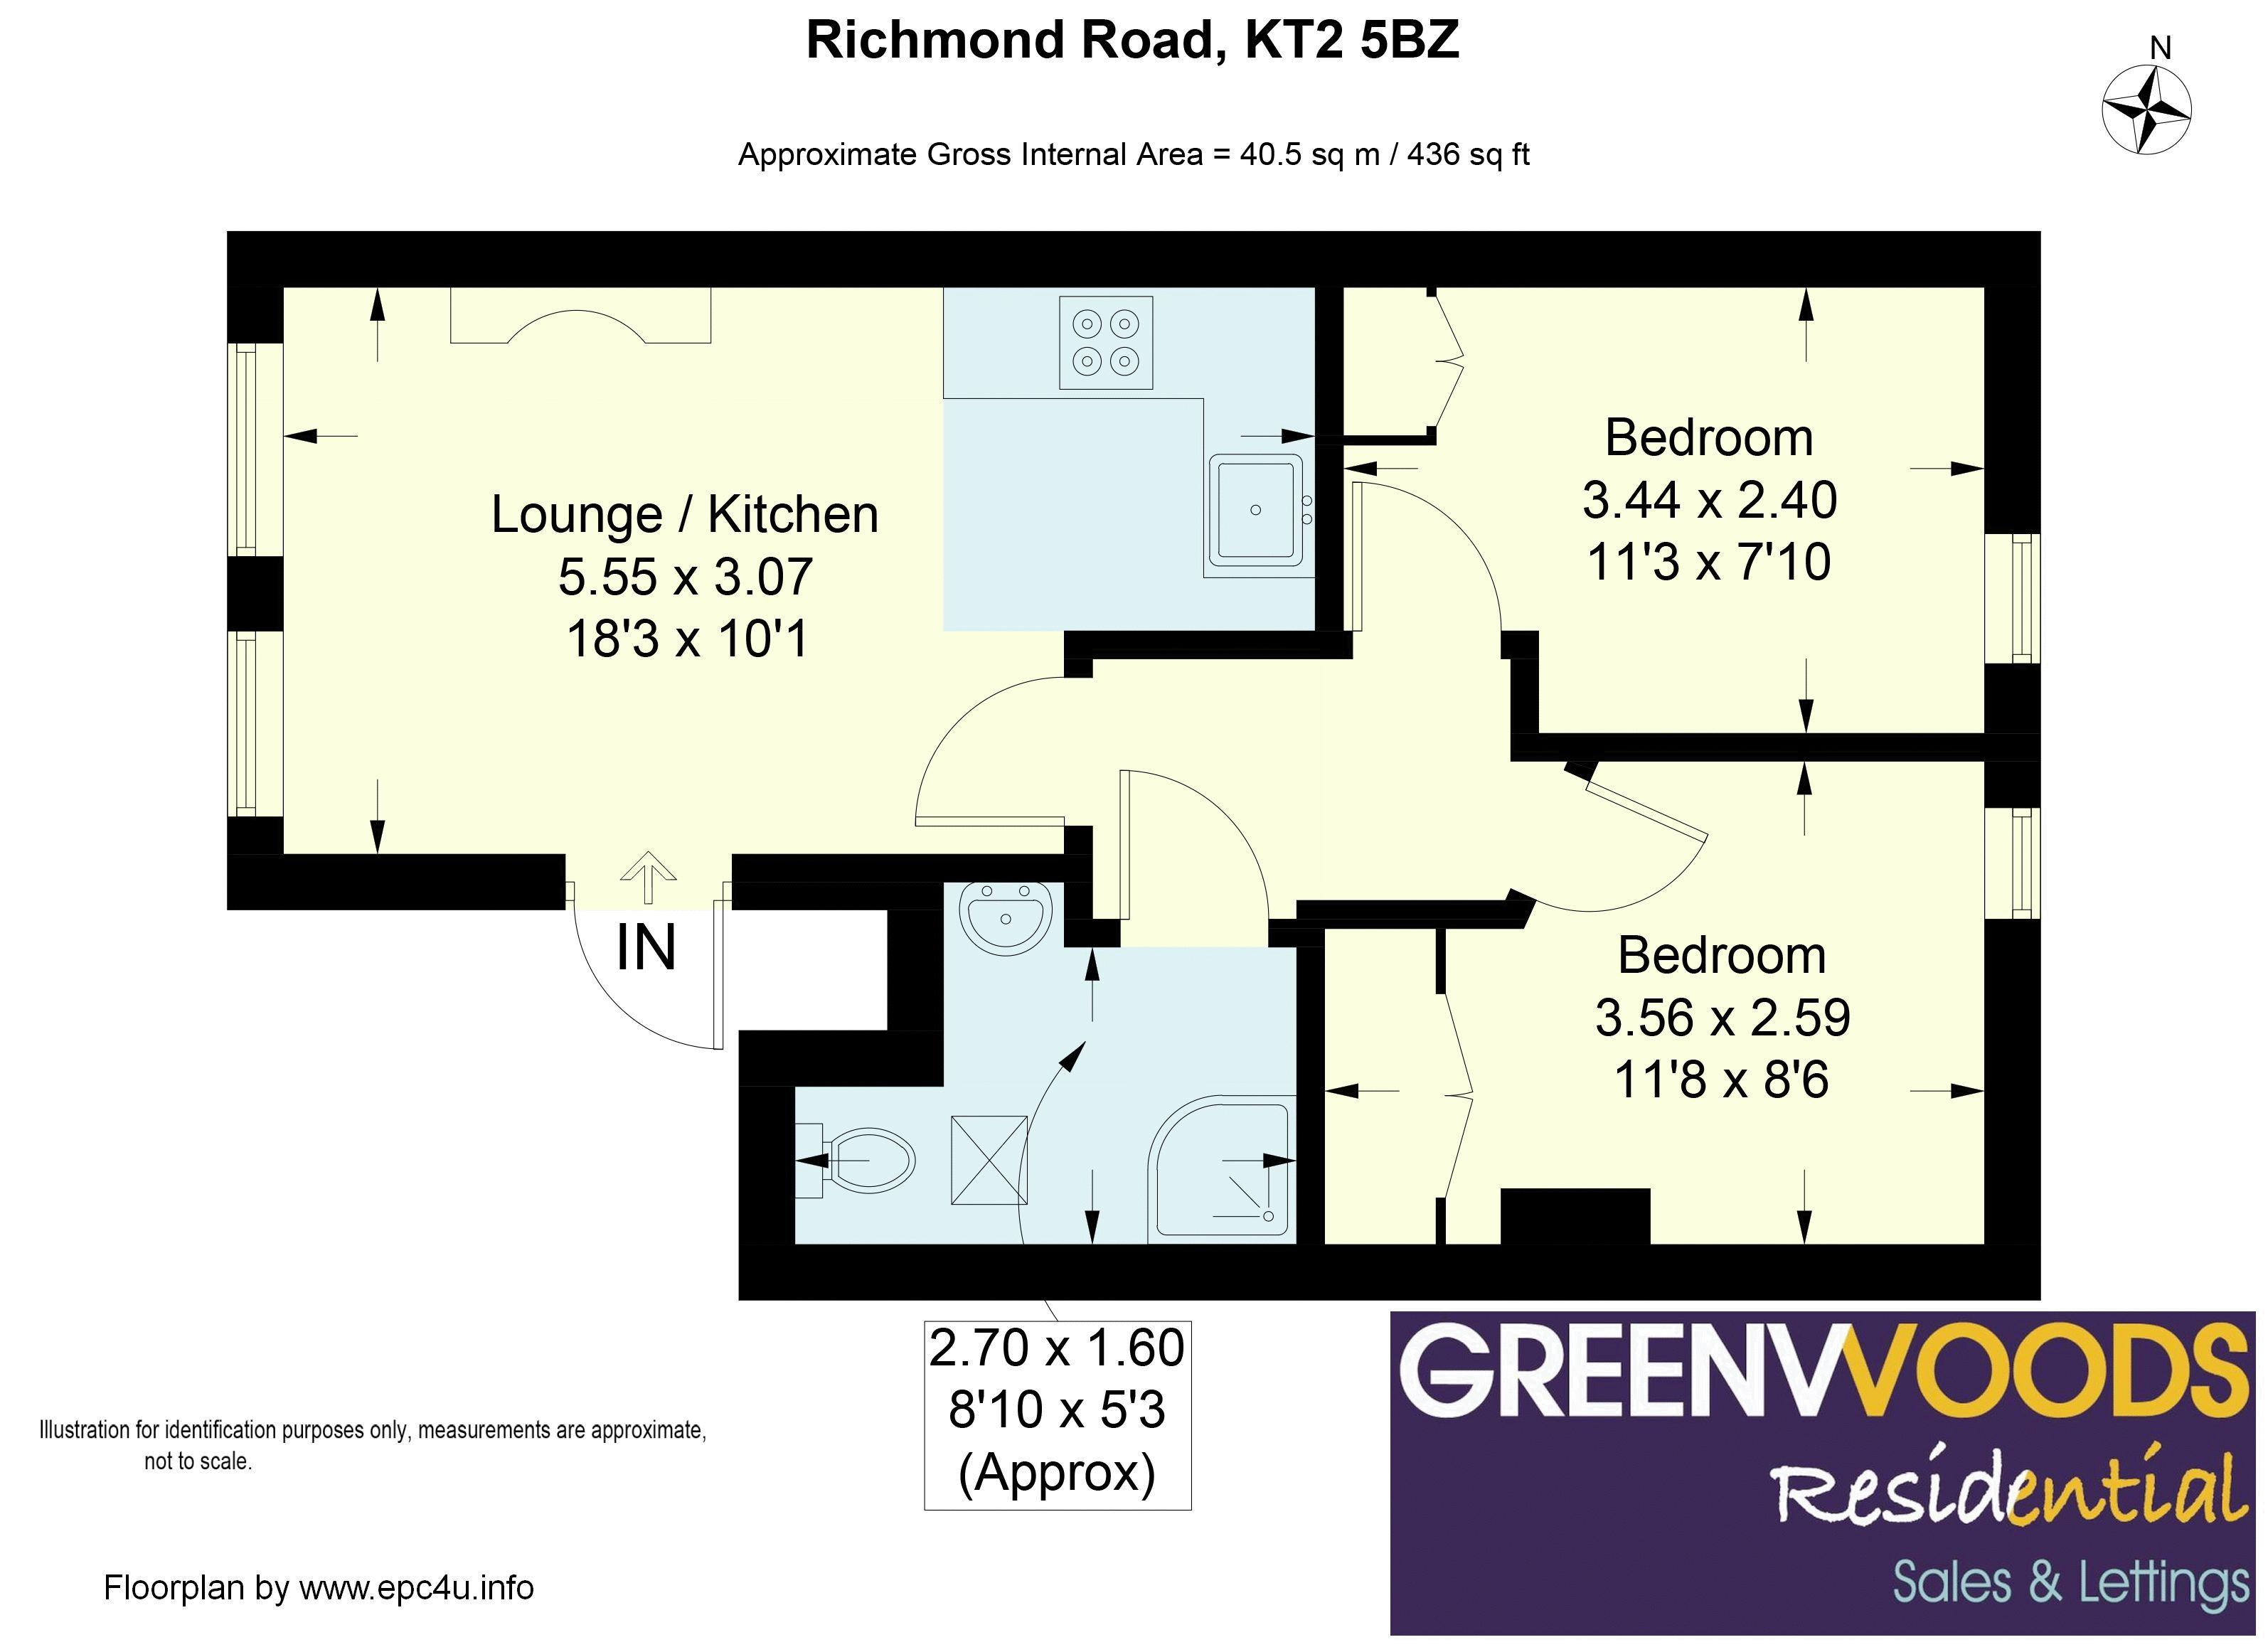 139 richmond road KT2 5BZ